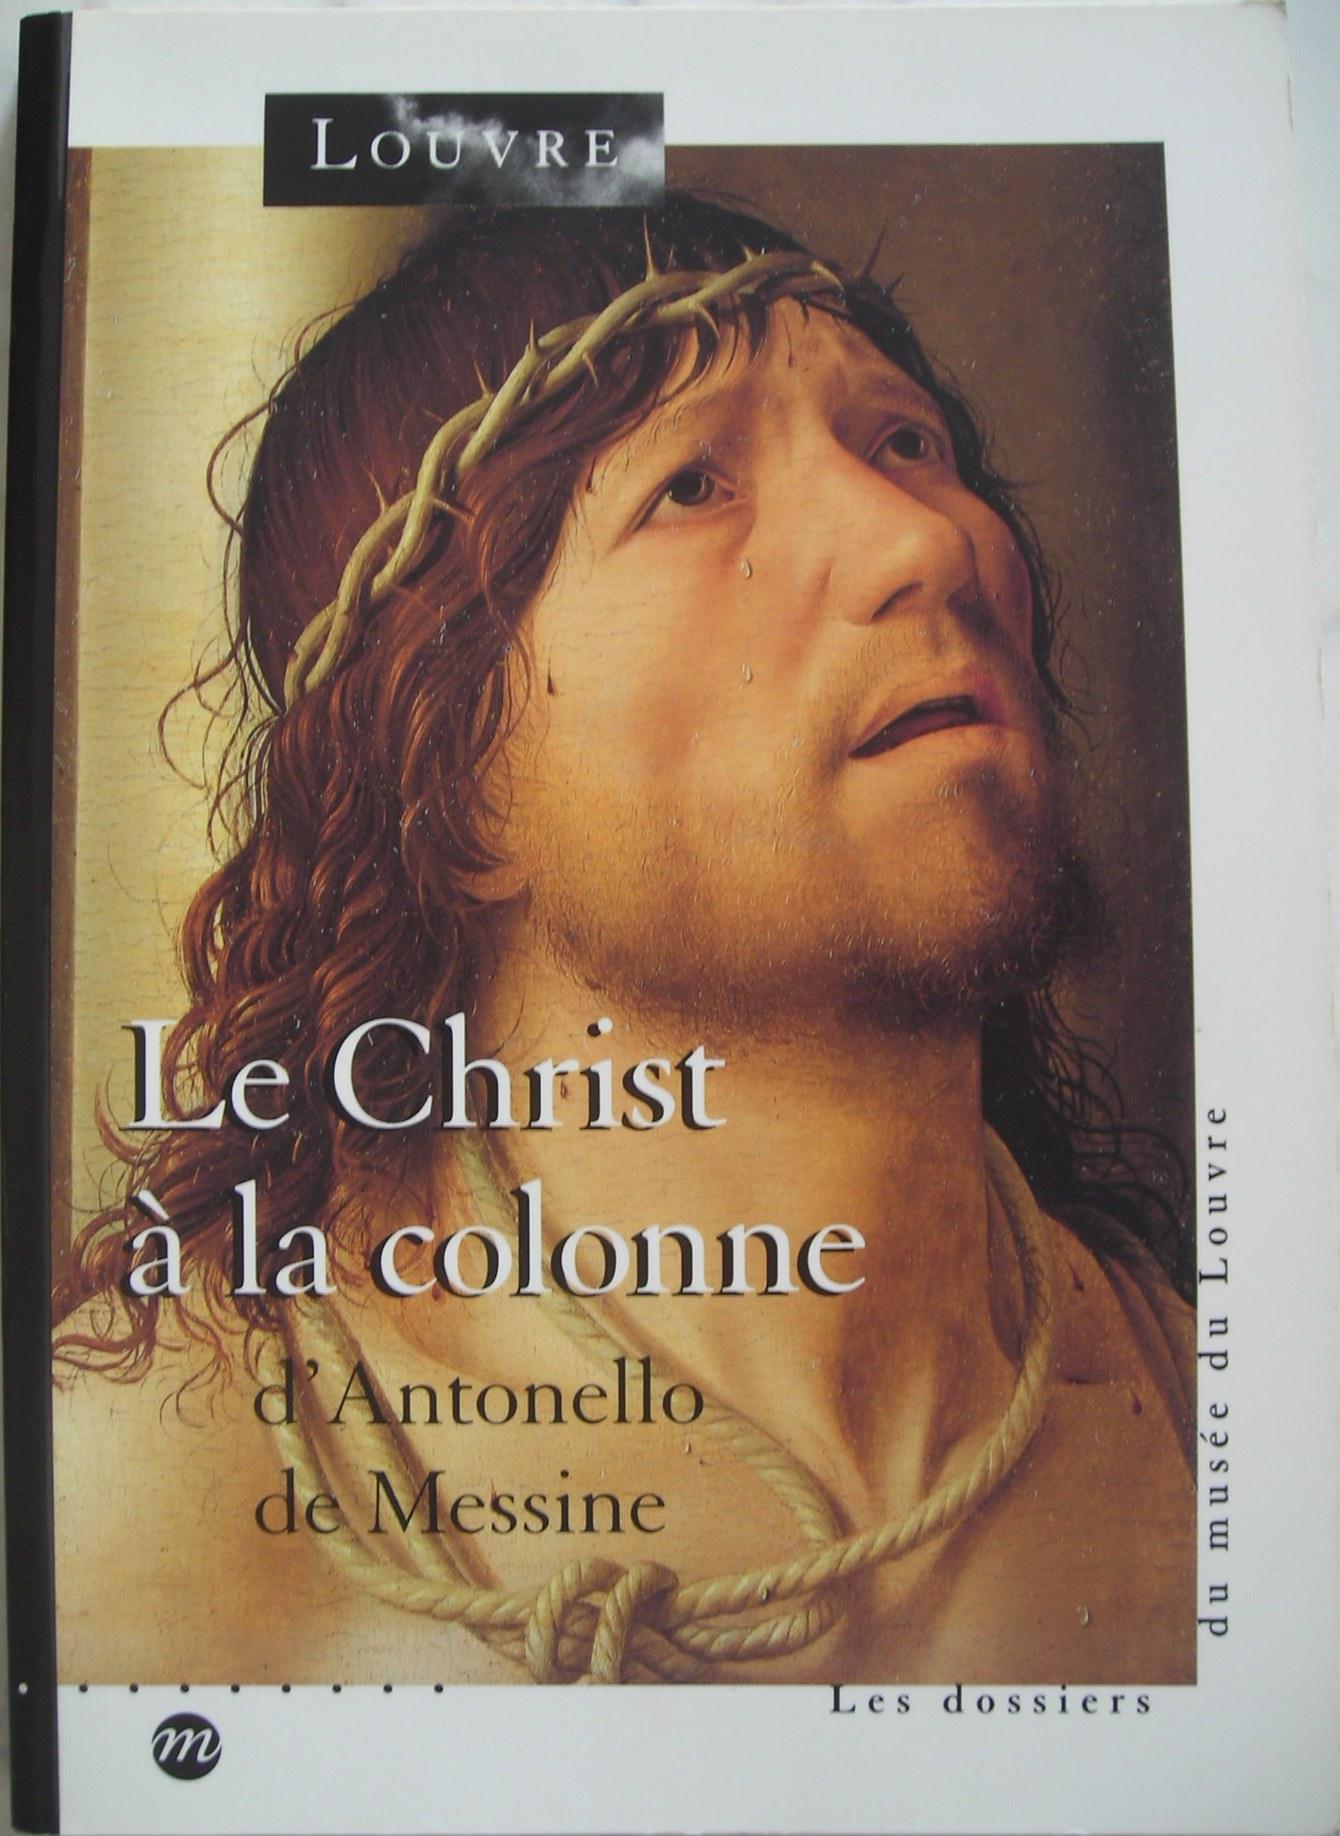 Le Christ à la colonne d'Antonello de Messine